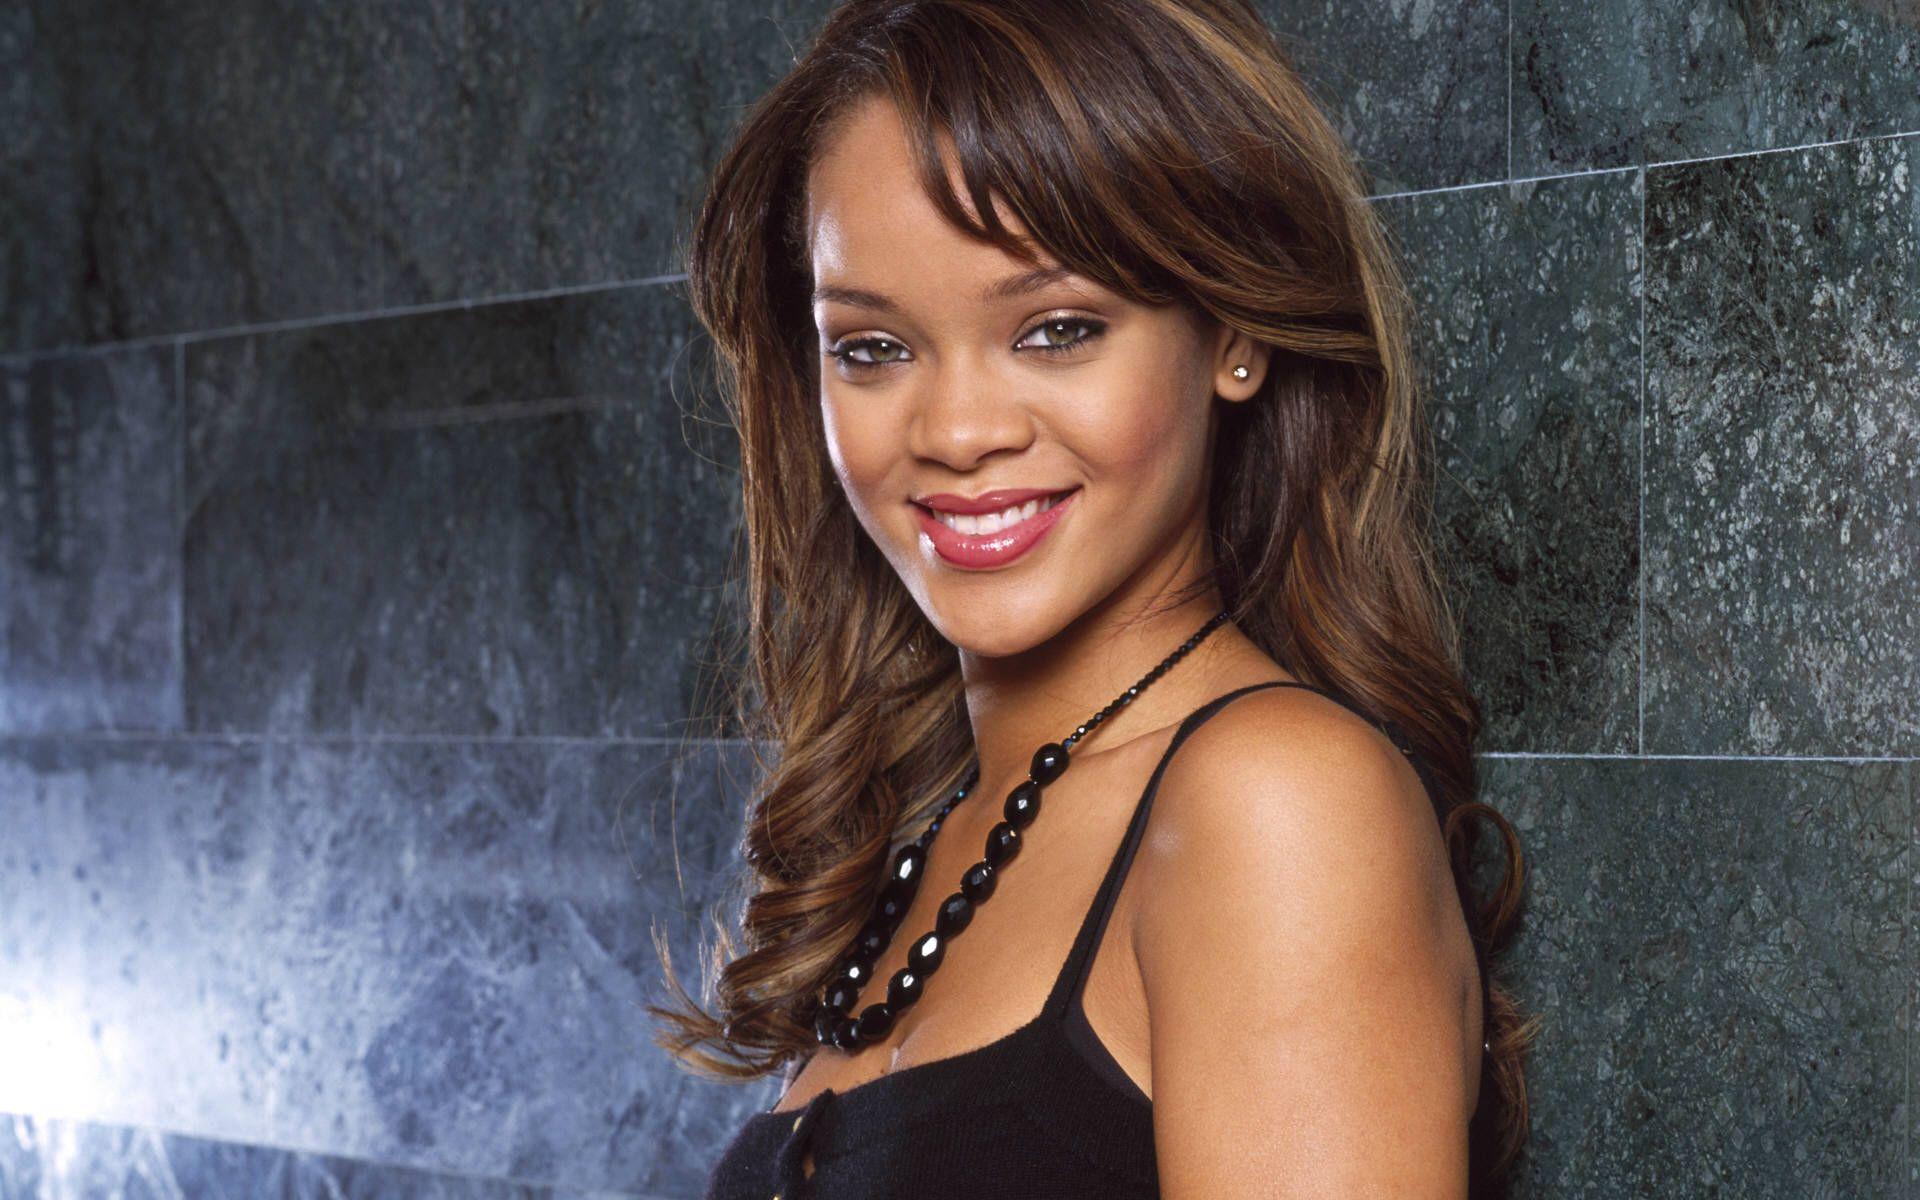 rihanna hd wallpaper Rihanna, Celebrities, Stylish pic